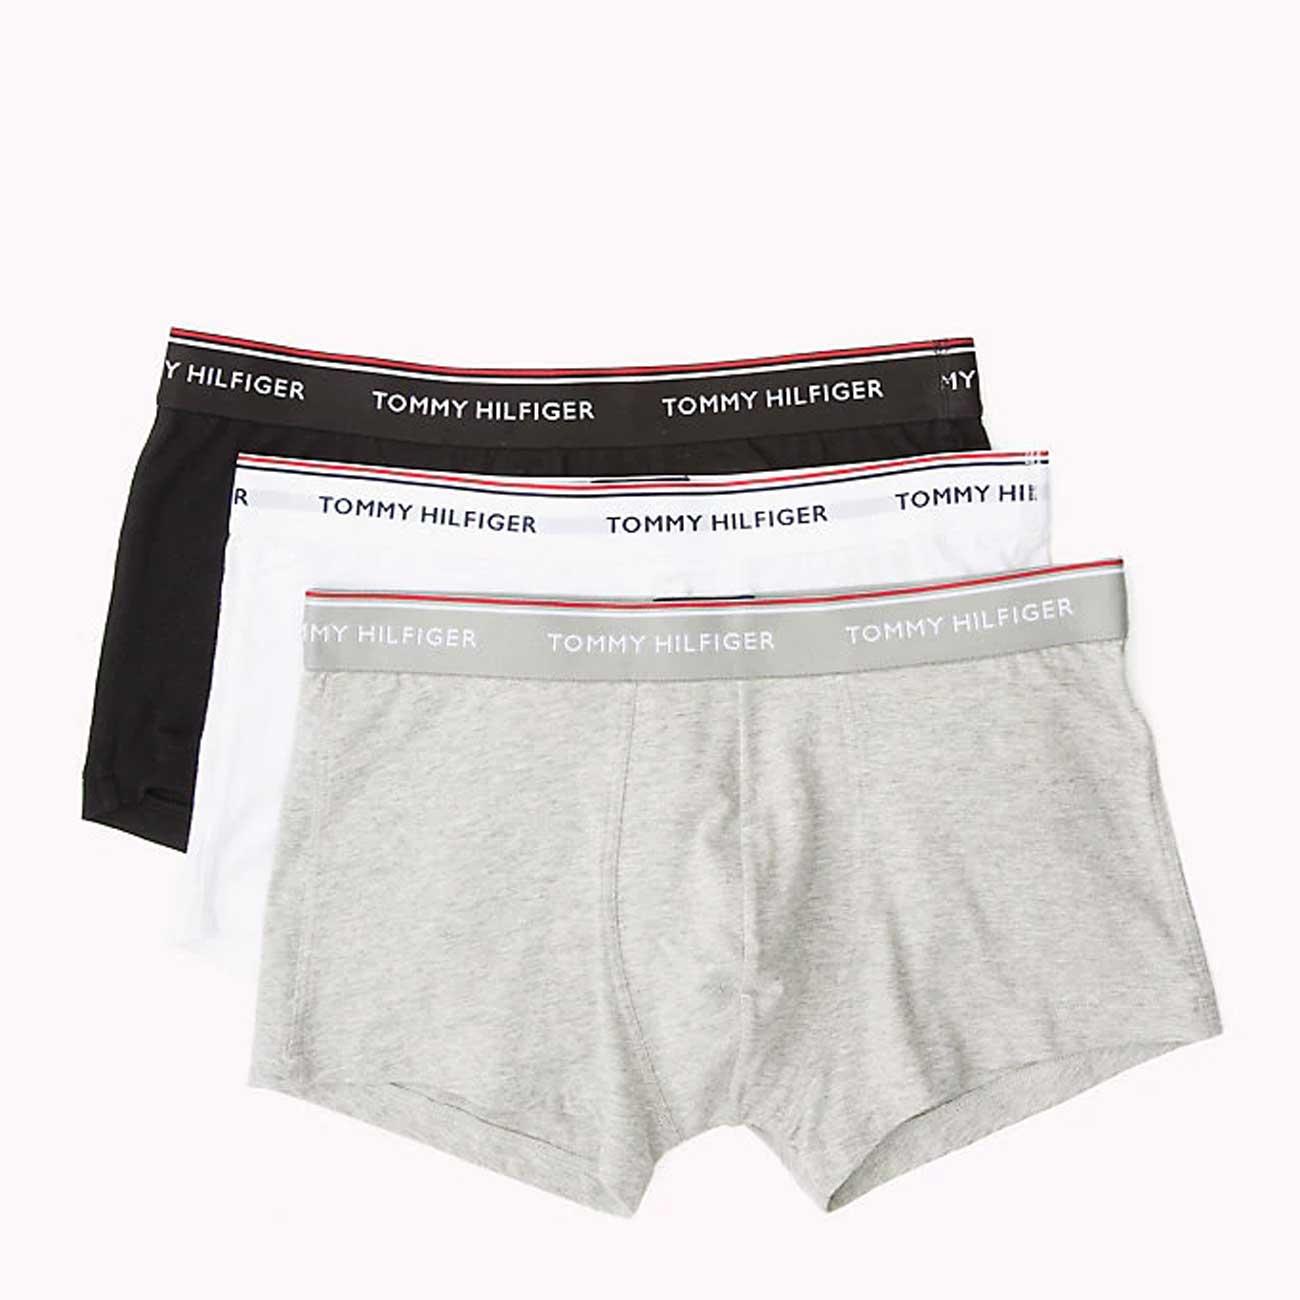 Ανδρικό Boxer Tommy Hilfiger 3pack - 1U87903842-004